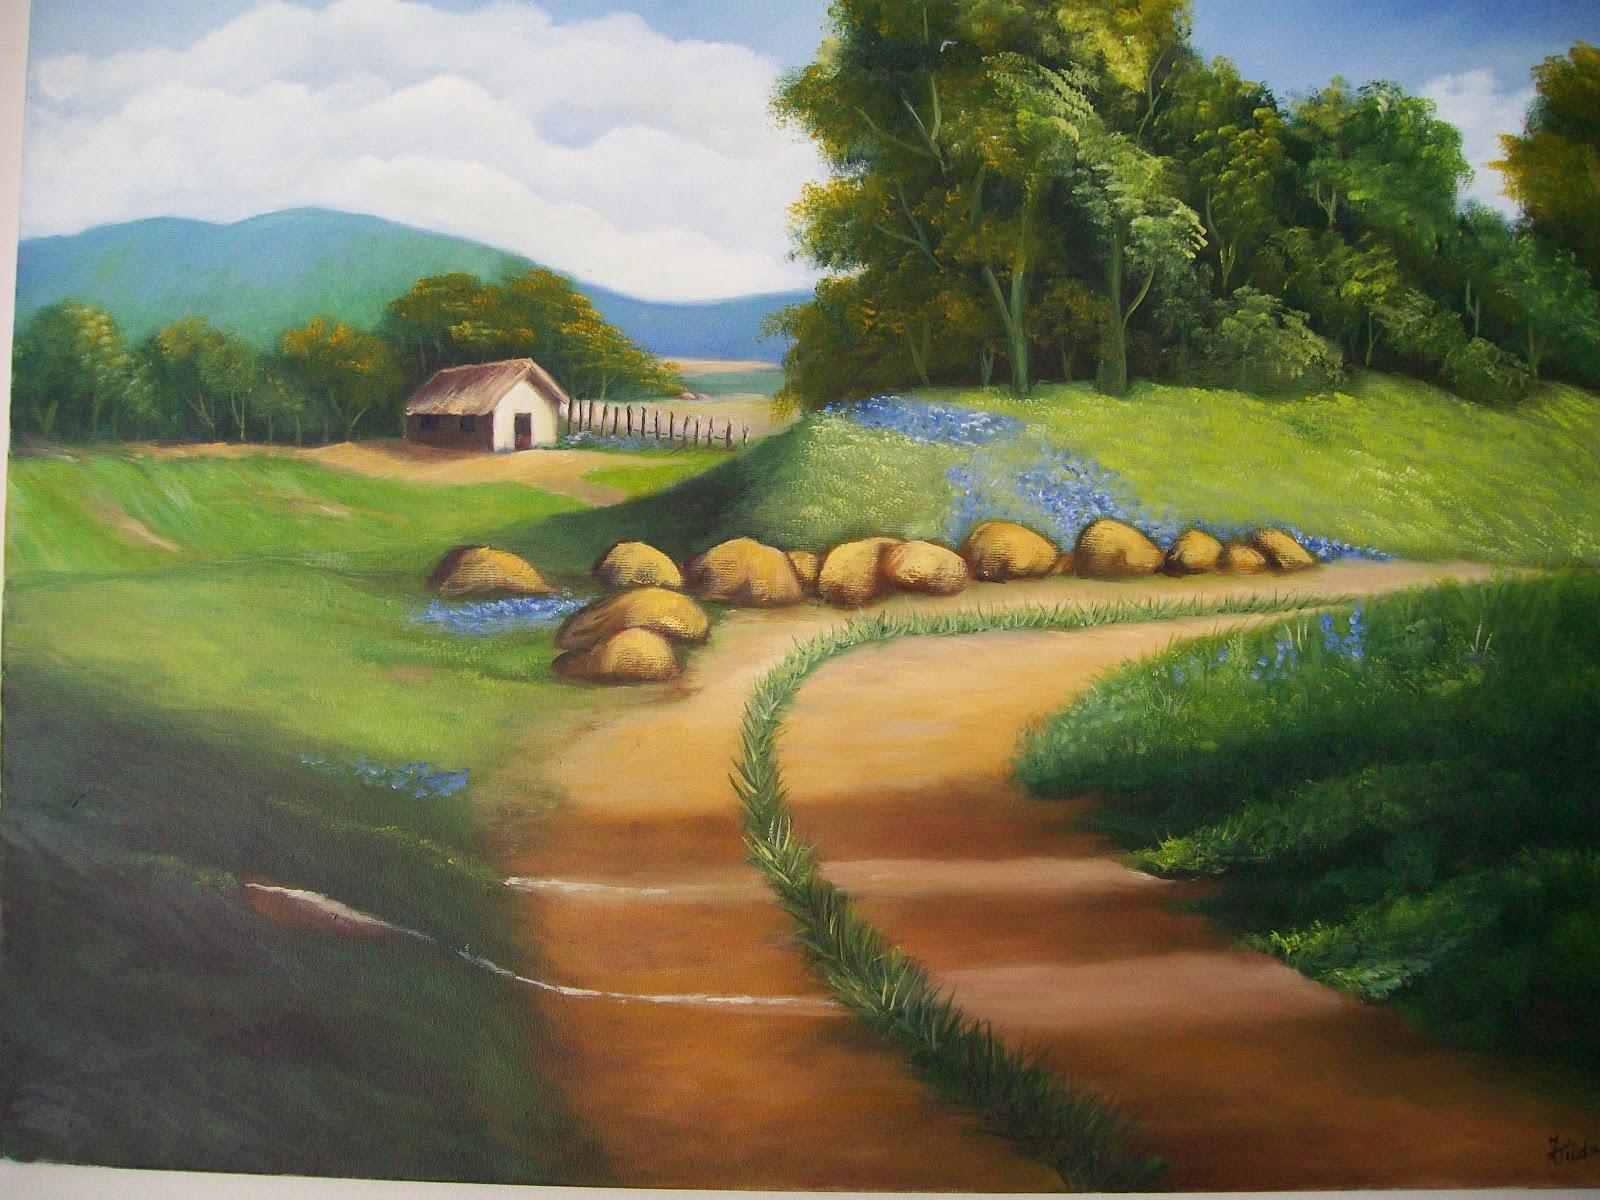 Pinturas tela casa no campo for Pinturas para casas de campo